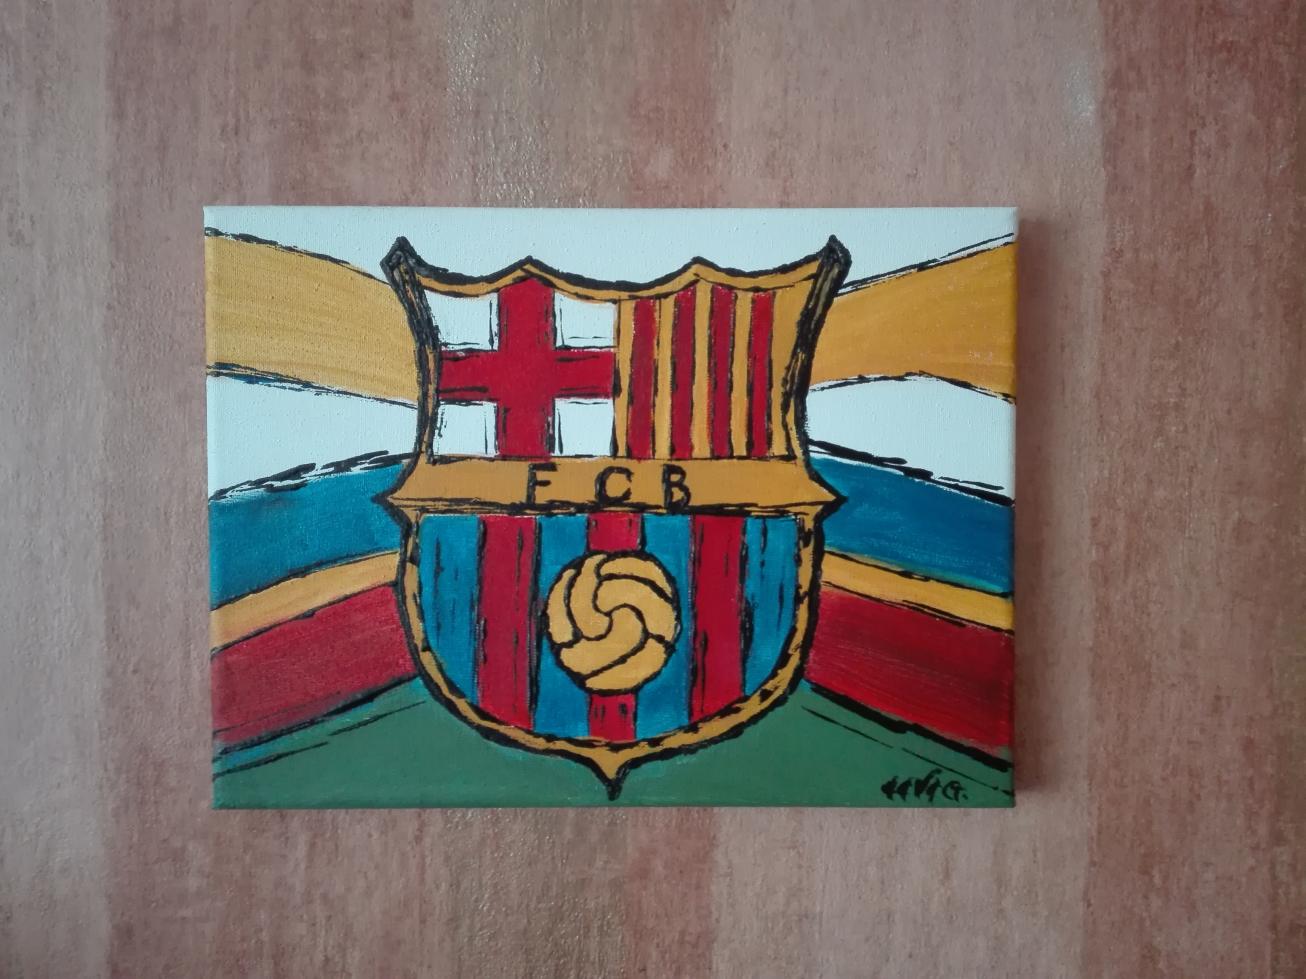 fc barcelona veb bydgoszcz akryl eeve